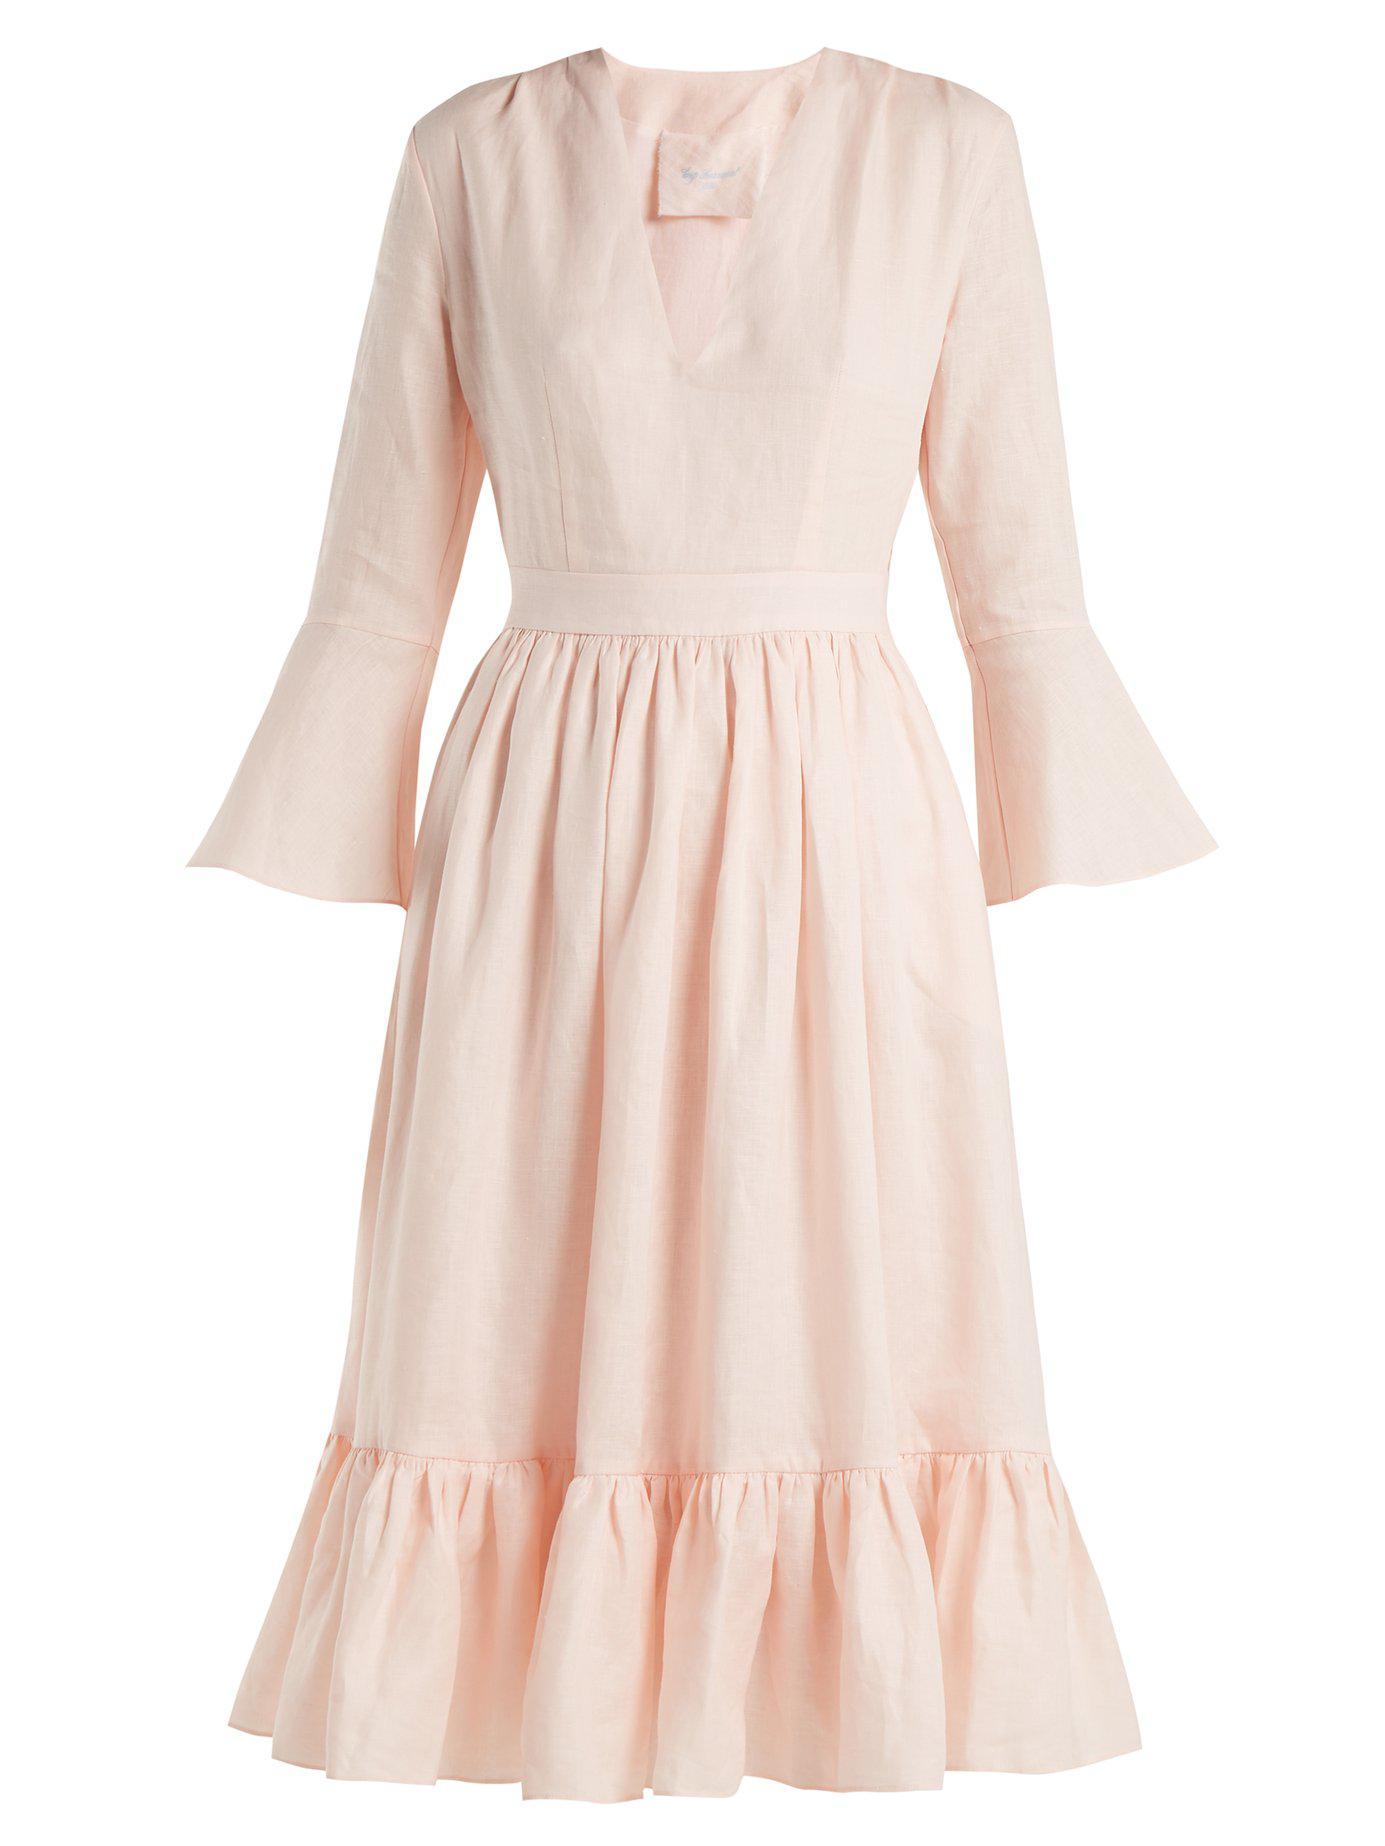 0847fec3f5 Lyst - Loup Charmant Sea Island Tie Waist Linen Dress in Pink